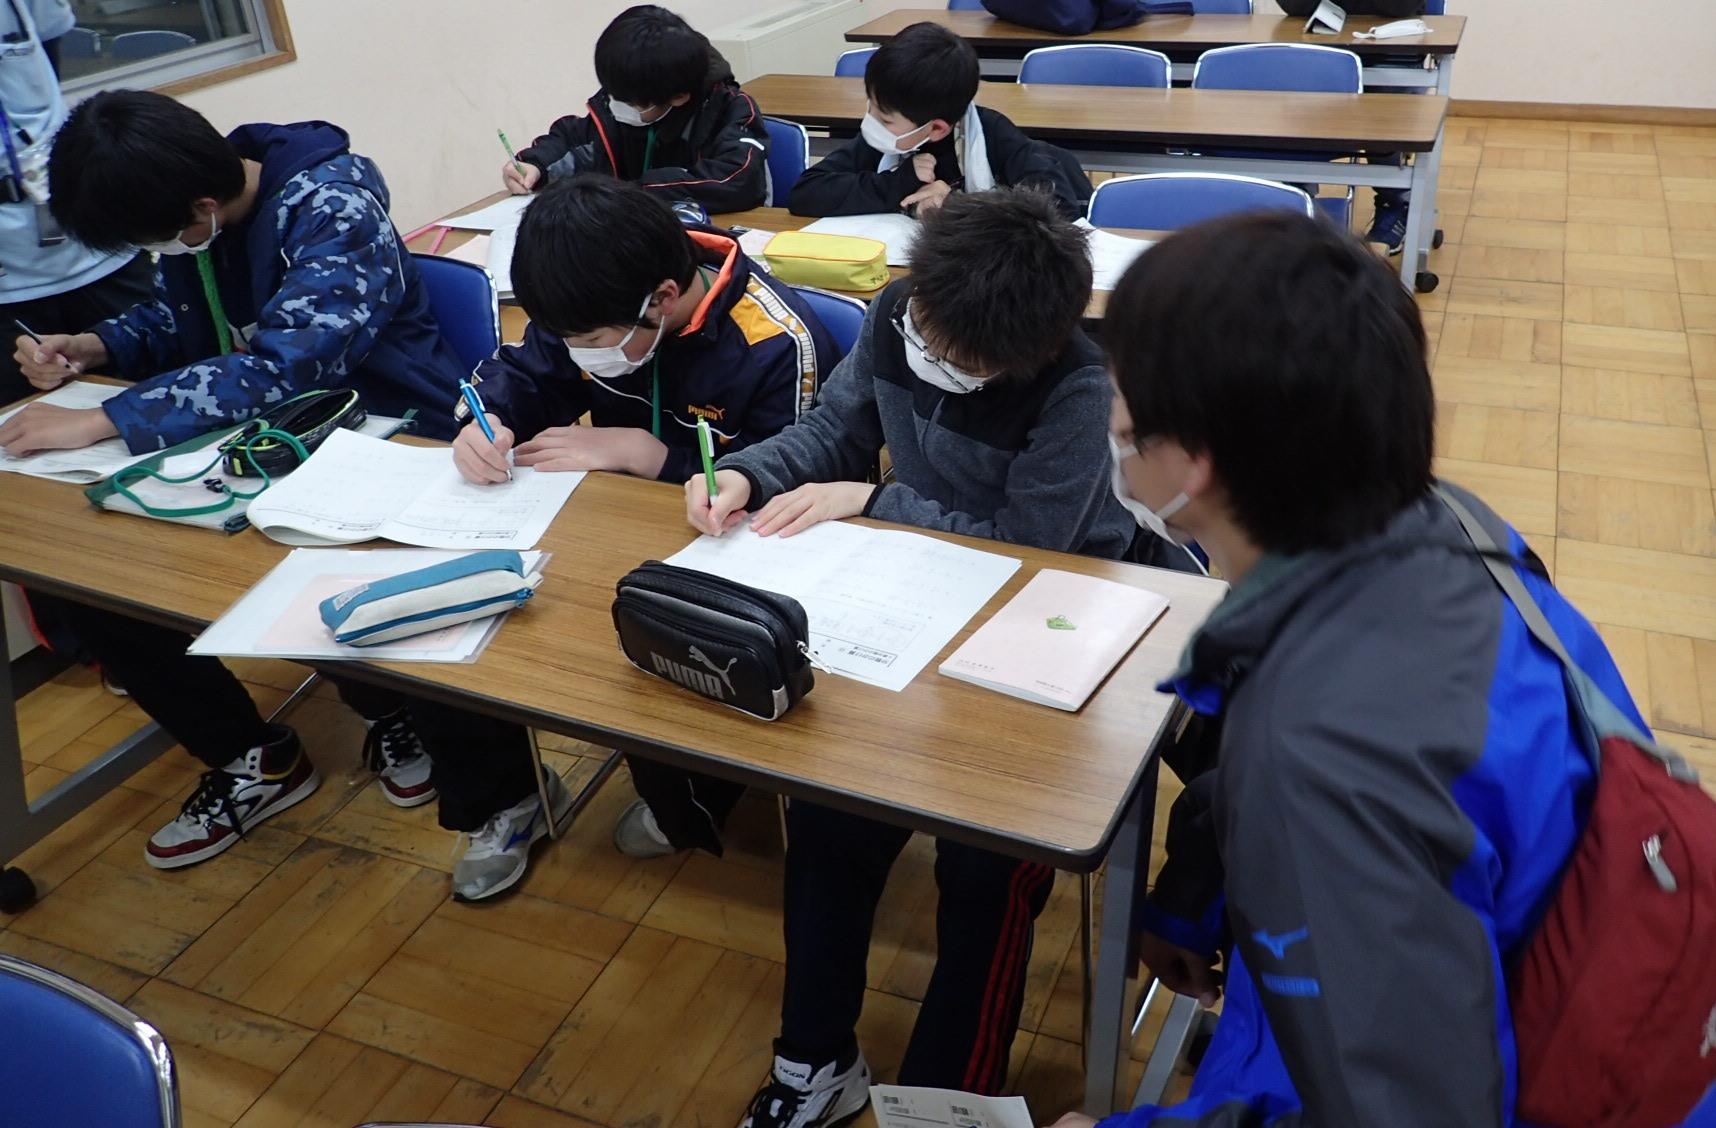 平成29年度 通学合宿「わっか通信」ダウンロード